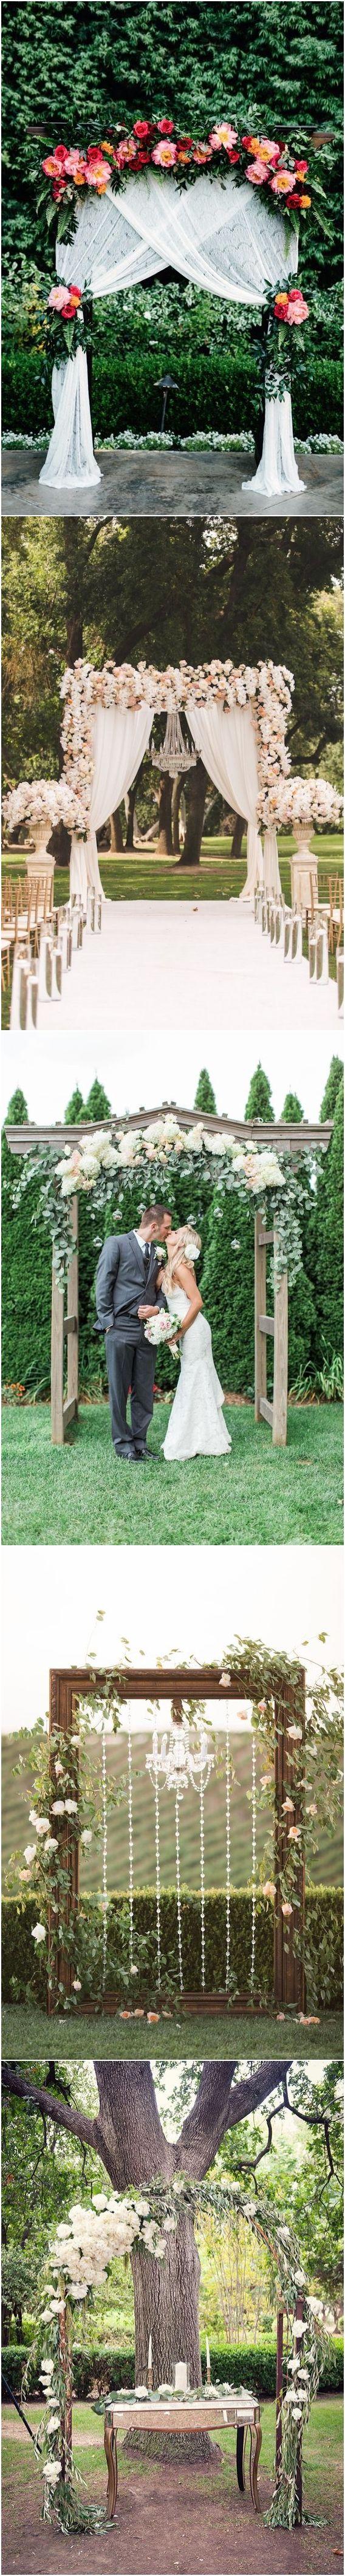 Floral wedding ceremony arch ideas #weddingarch #weddingdecor #weddingbackdrops #flroal #wedding ❤️ http://www.deerpearlflowers.com/floral-wedding-arch-canopy-ideas/